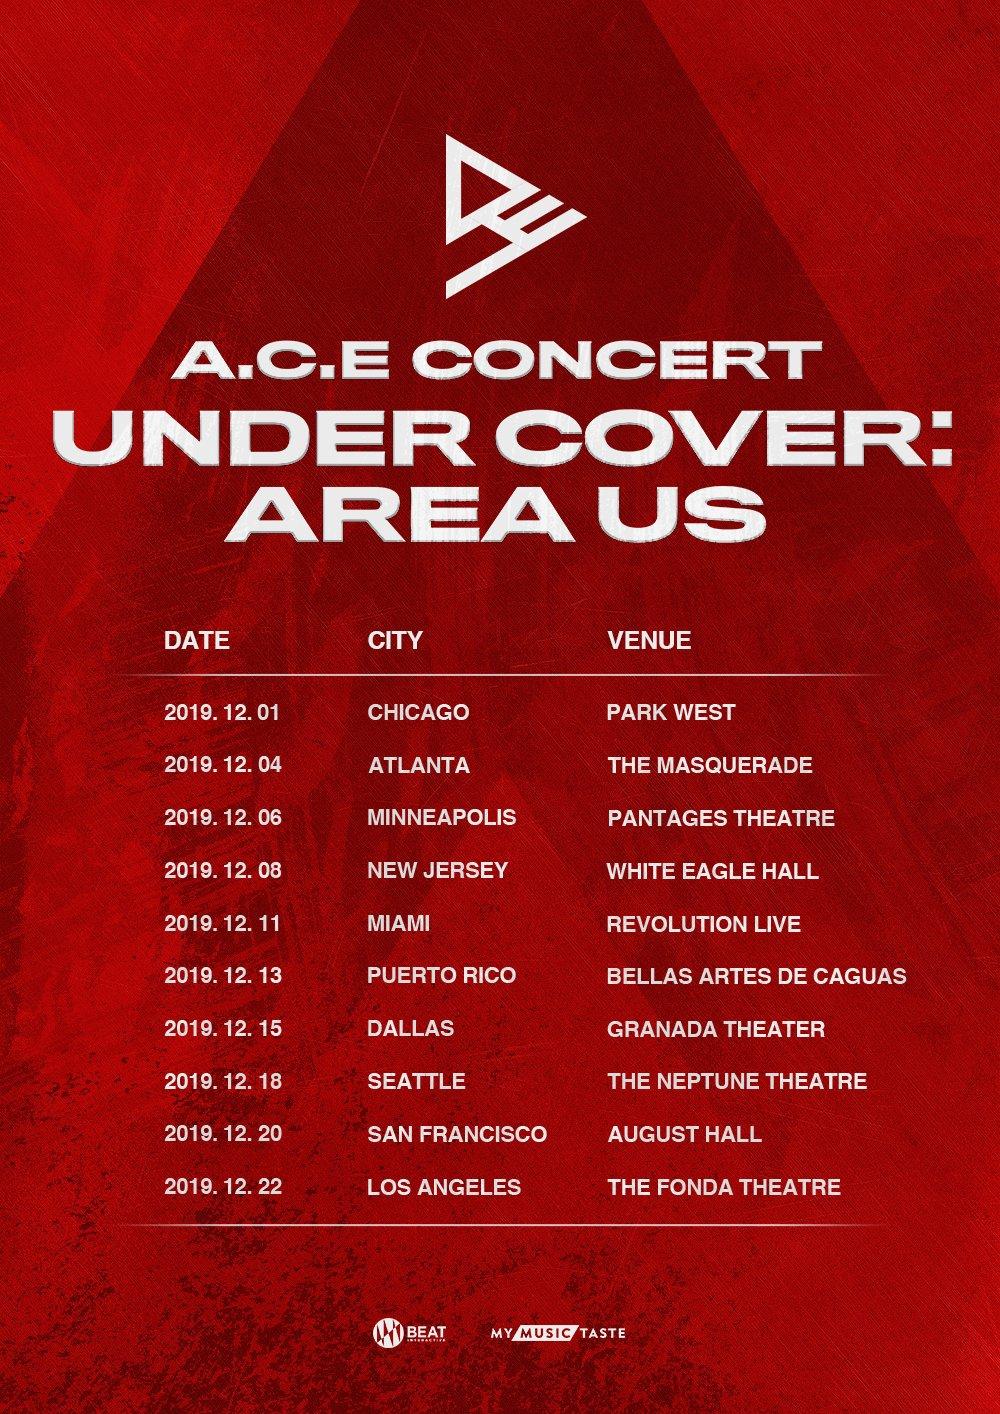 ace, ace poster, ace tour, ace us tour, ace concert, ace under cover area us,